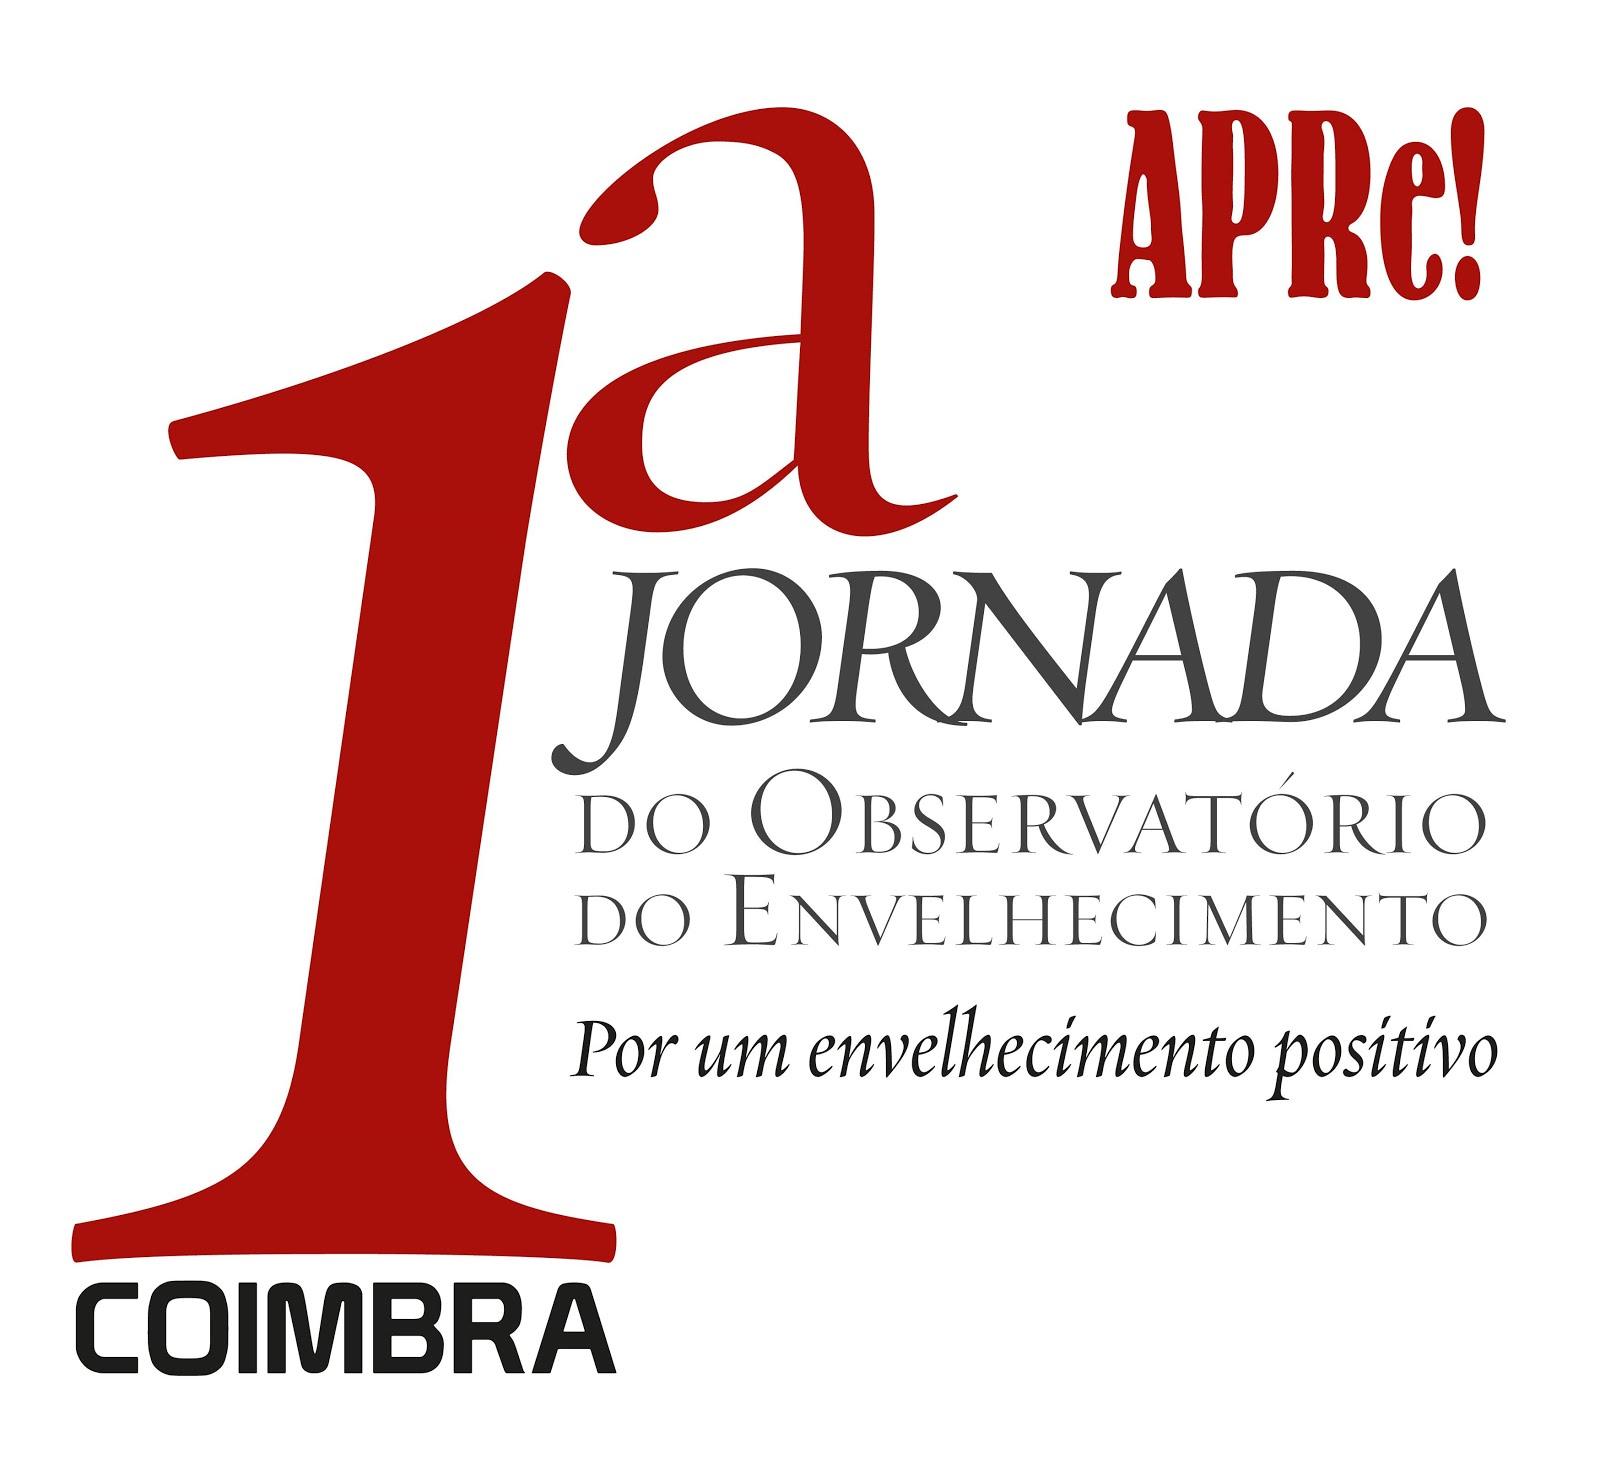 """""""Por Um Envelhecimento Positivo"""", tema das 1.ªs Jornadas do Observatório do Envelhecimento da APRe!"""